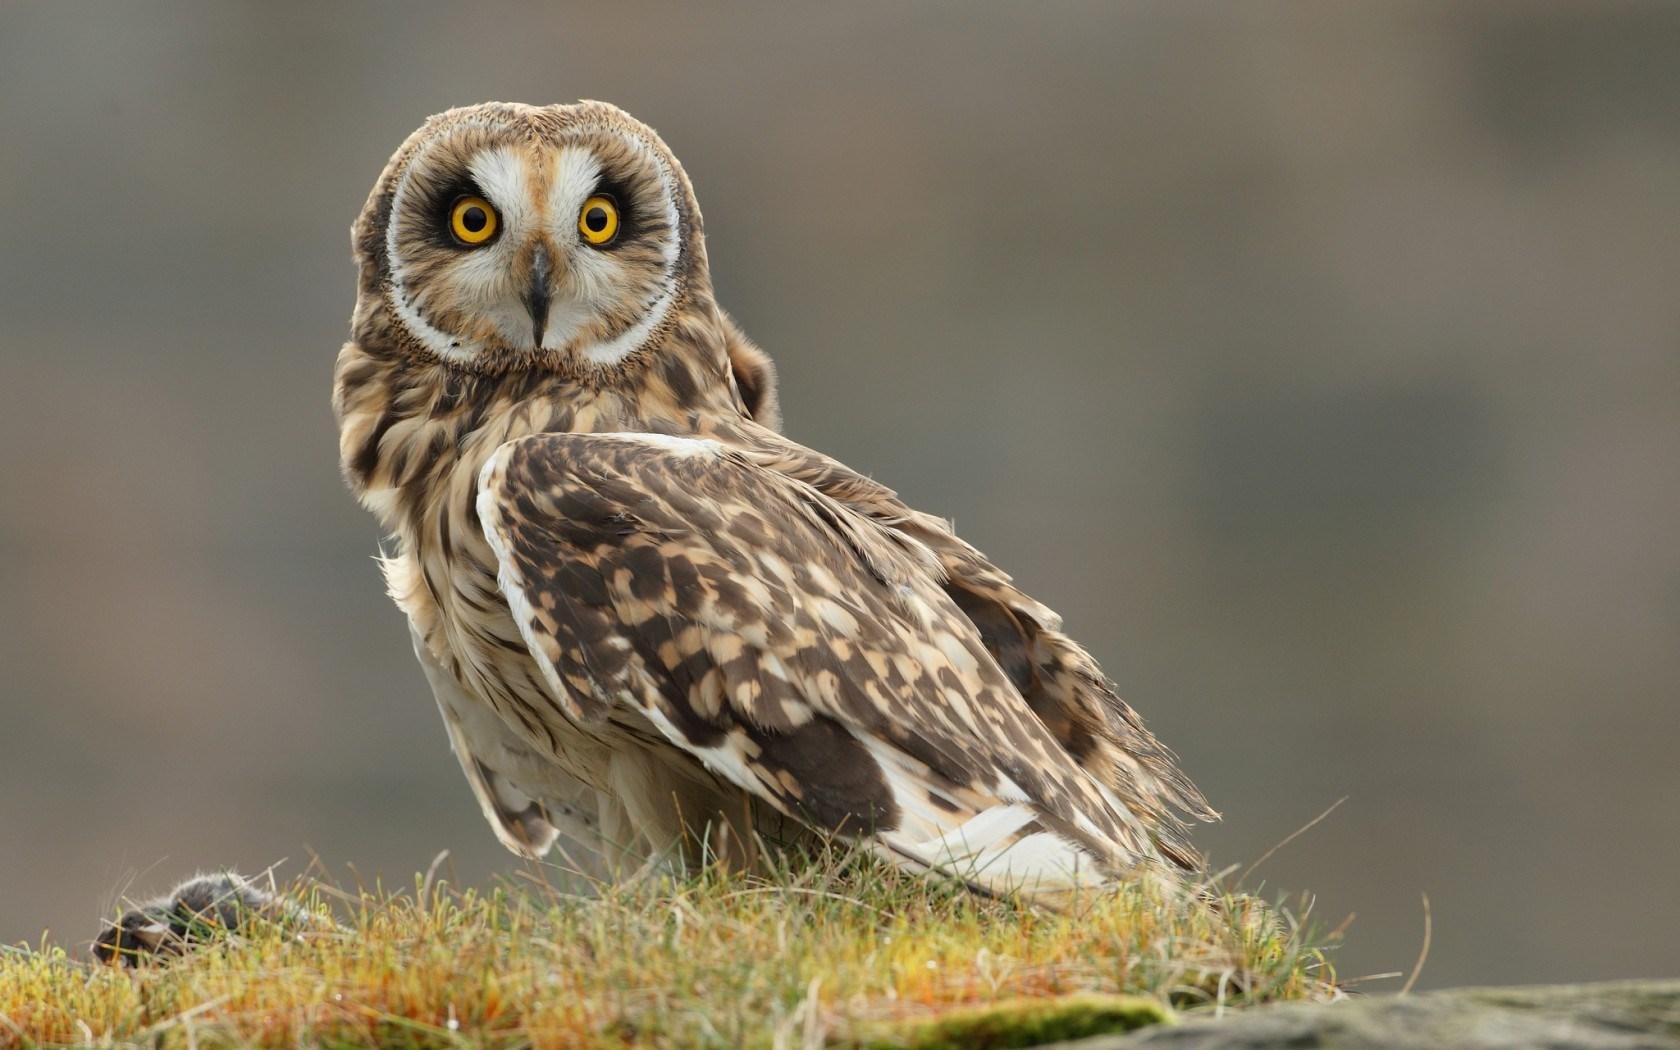 owl wallpaper A1